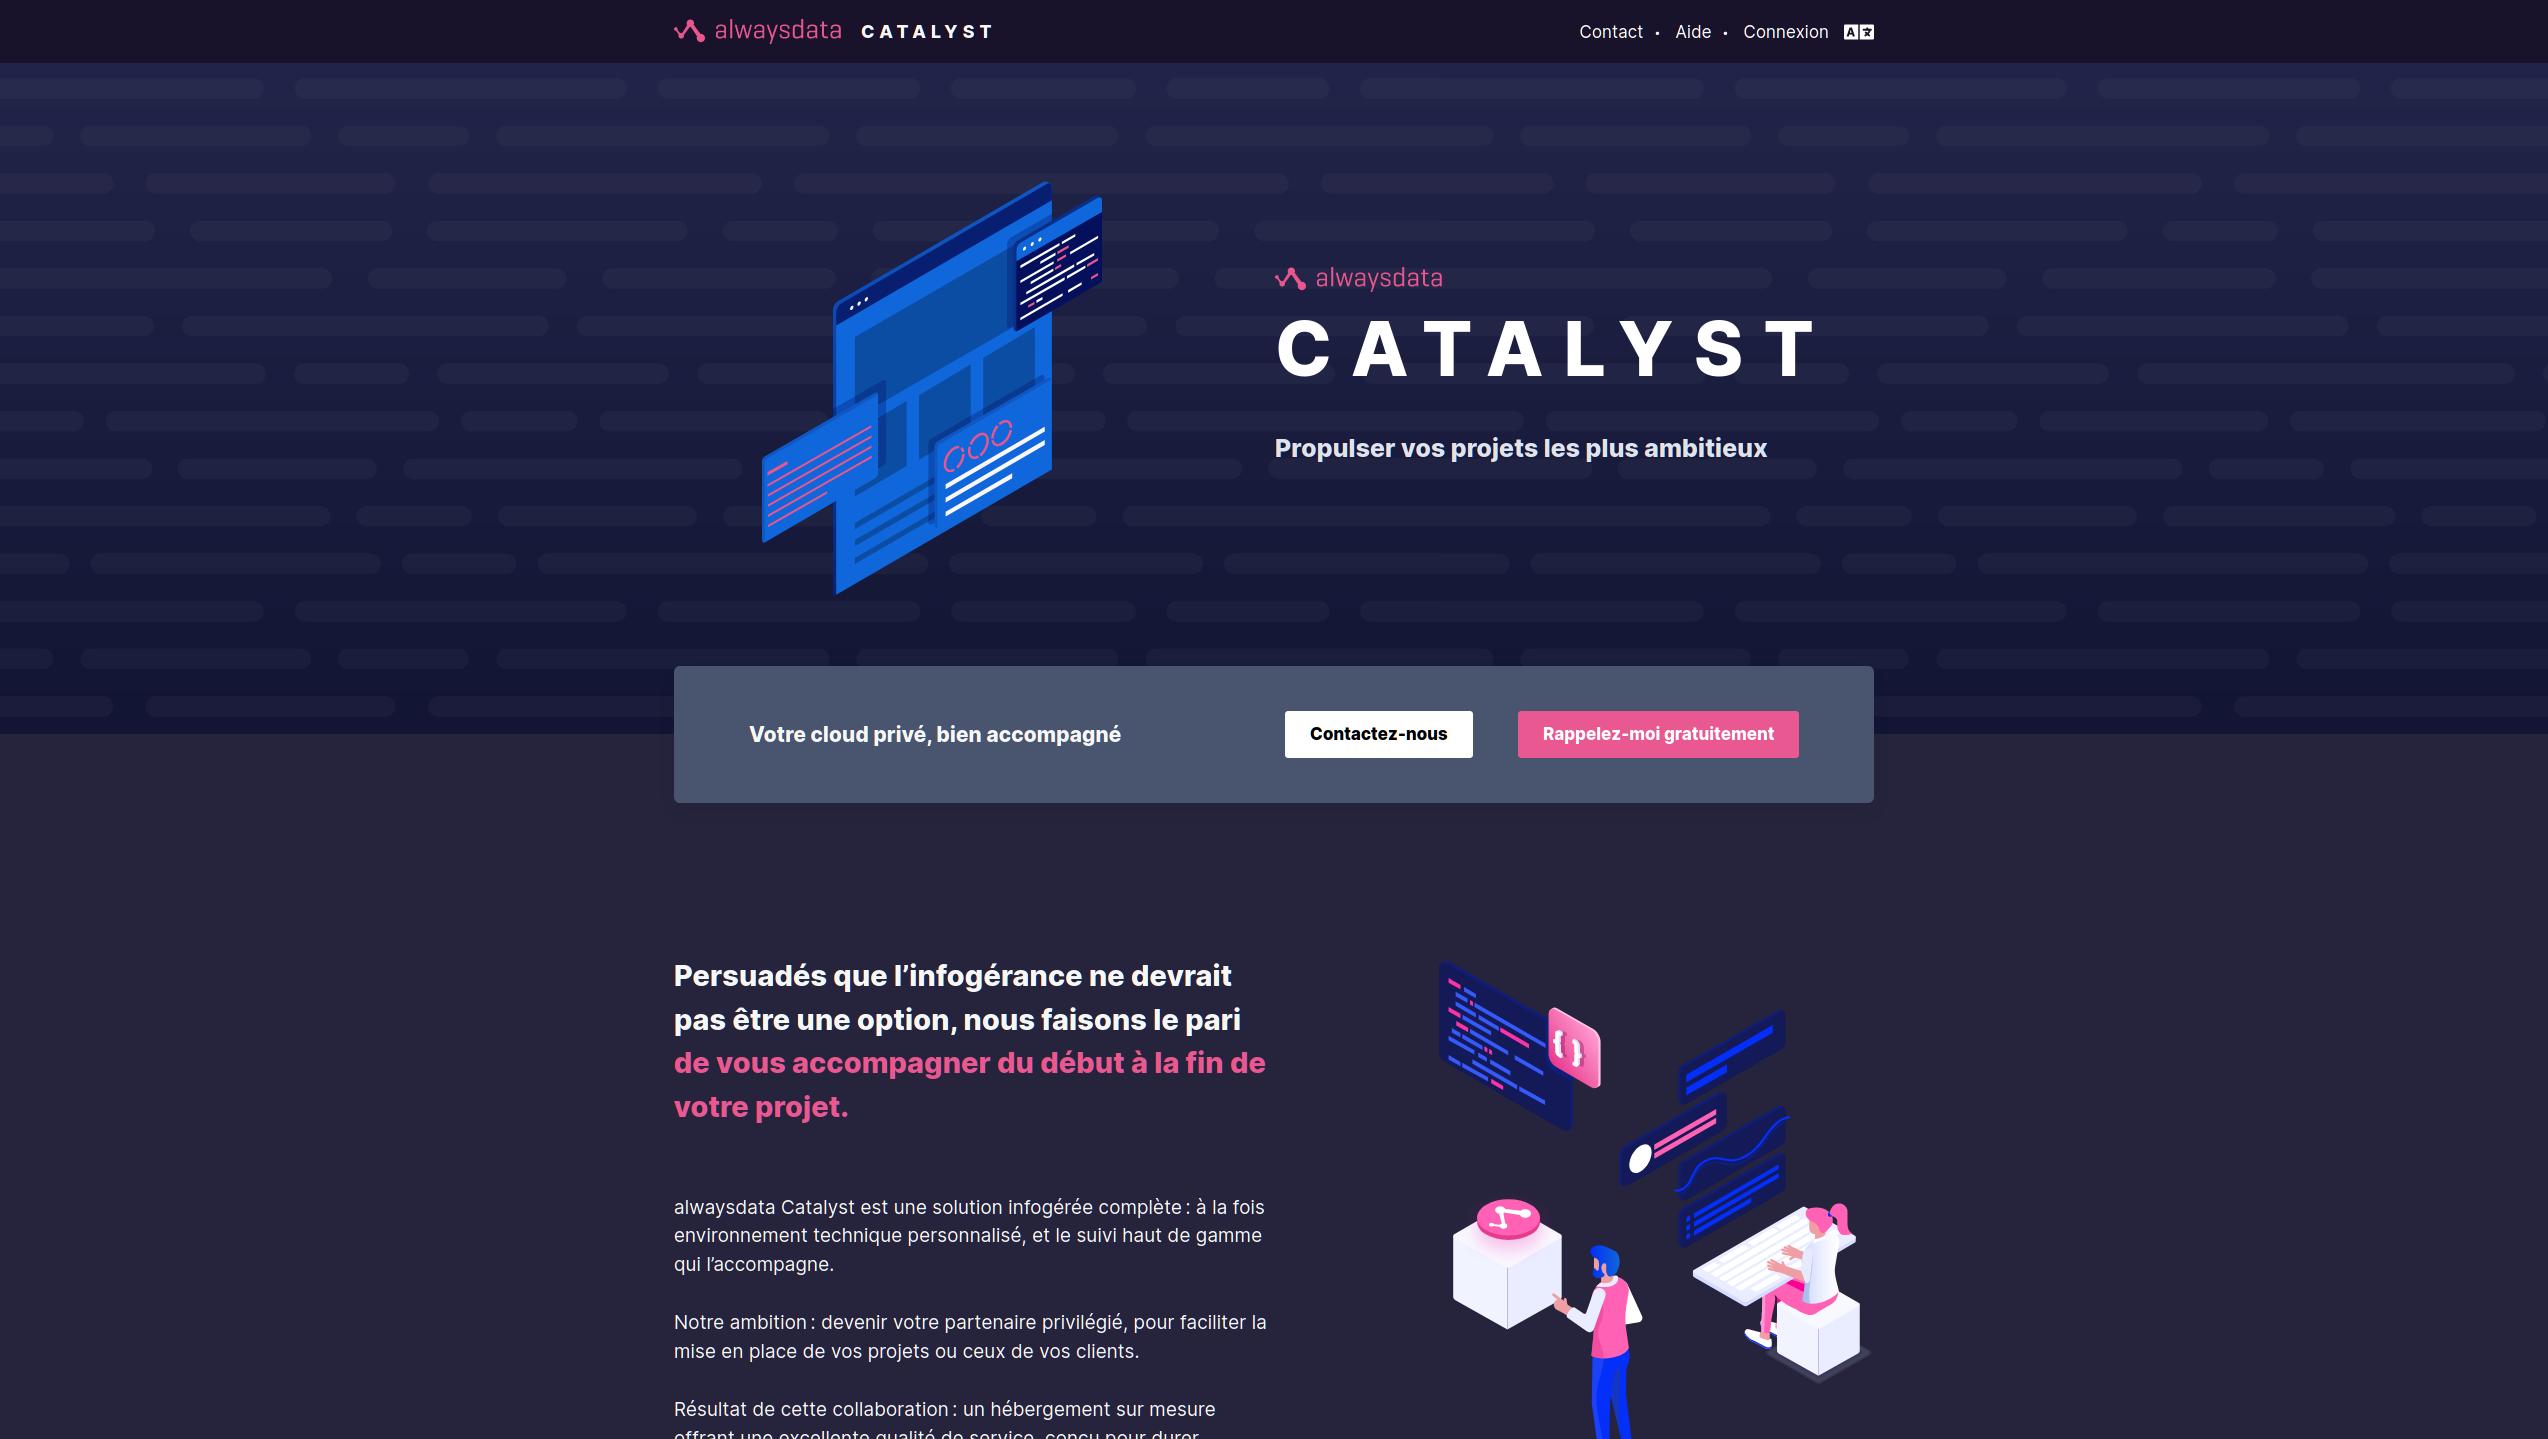 Bienvenue dans l'univers de Catalyst !